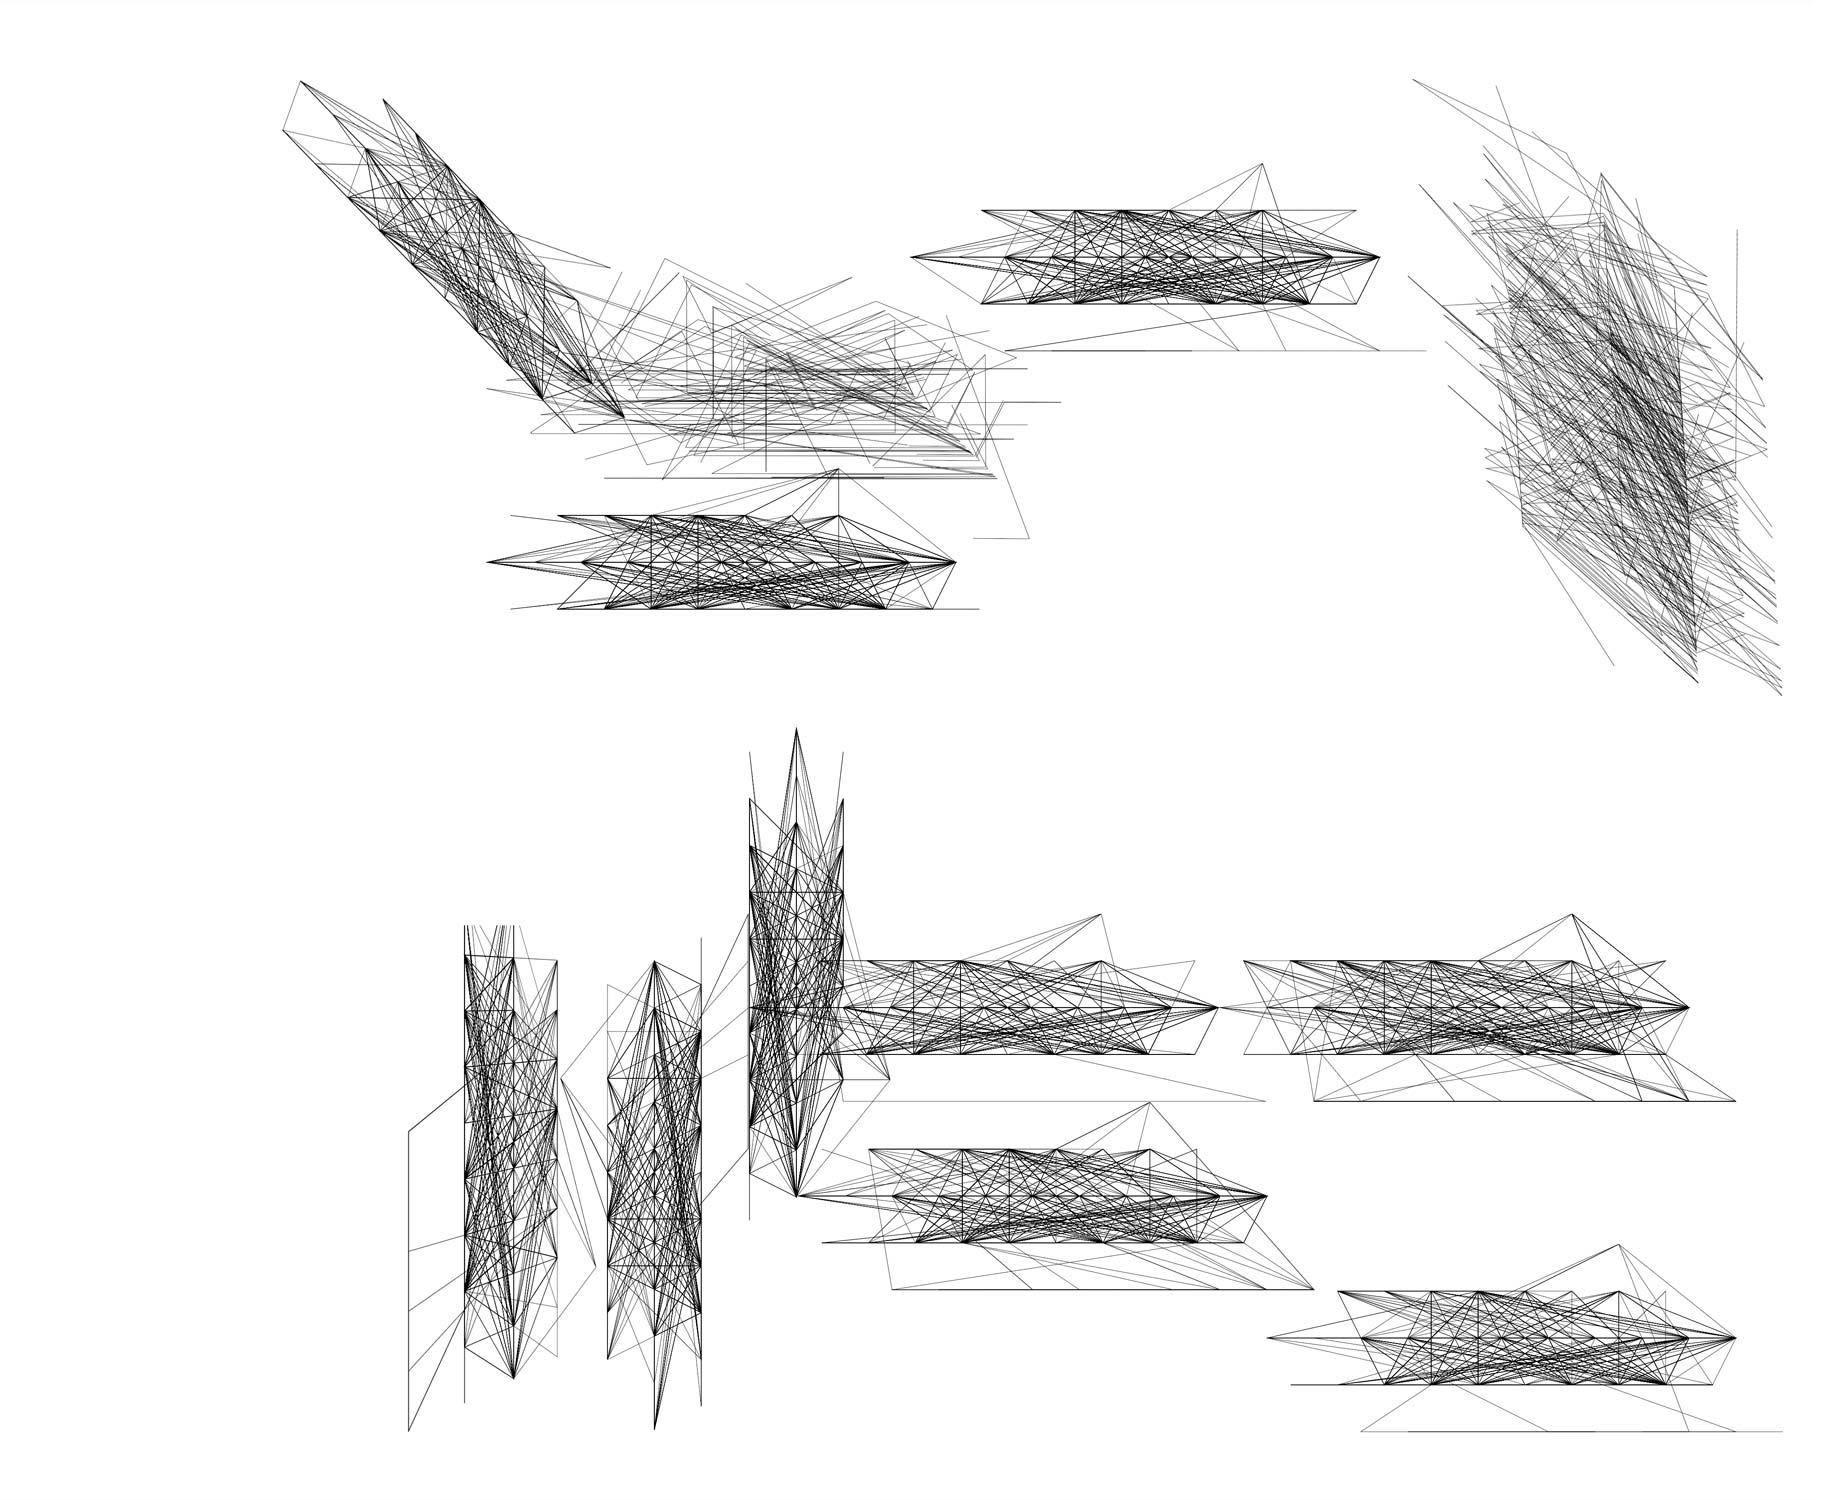 Herwig Steiner(1956L), Konzeptuelle Zeichnung{34}, Studie 93 zu Textbewegungsprotokoll, 2000